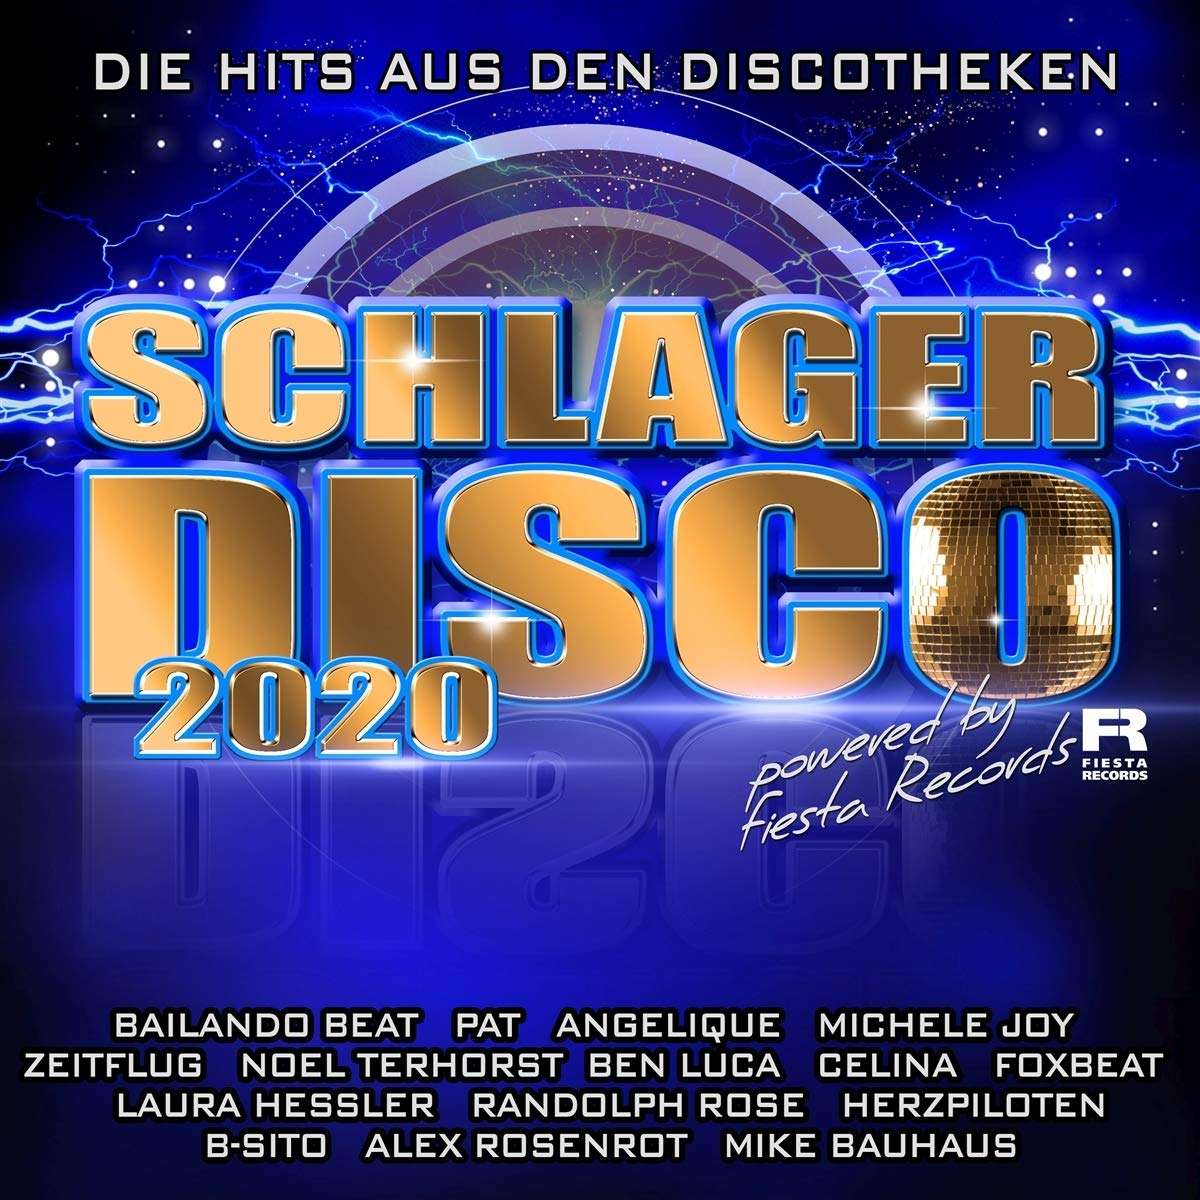 FIESTA RECORDS präsentiert ...: Schlagerdisco 2020 - die Hits aus Den Discotheken (Doppel-CD)